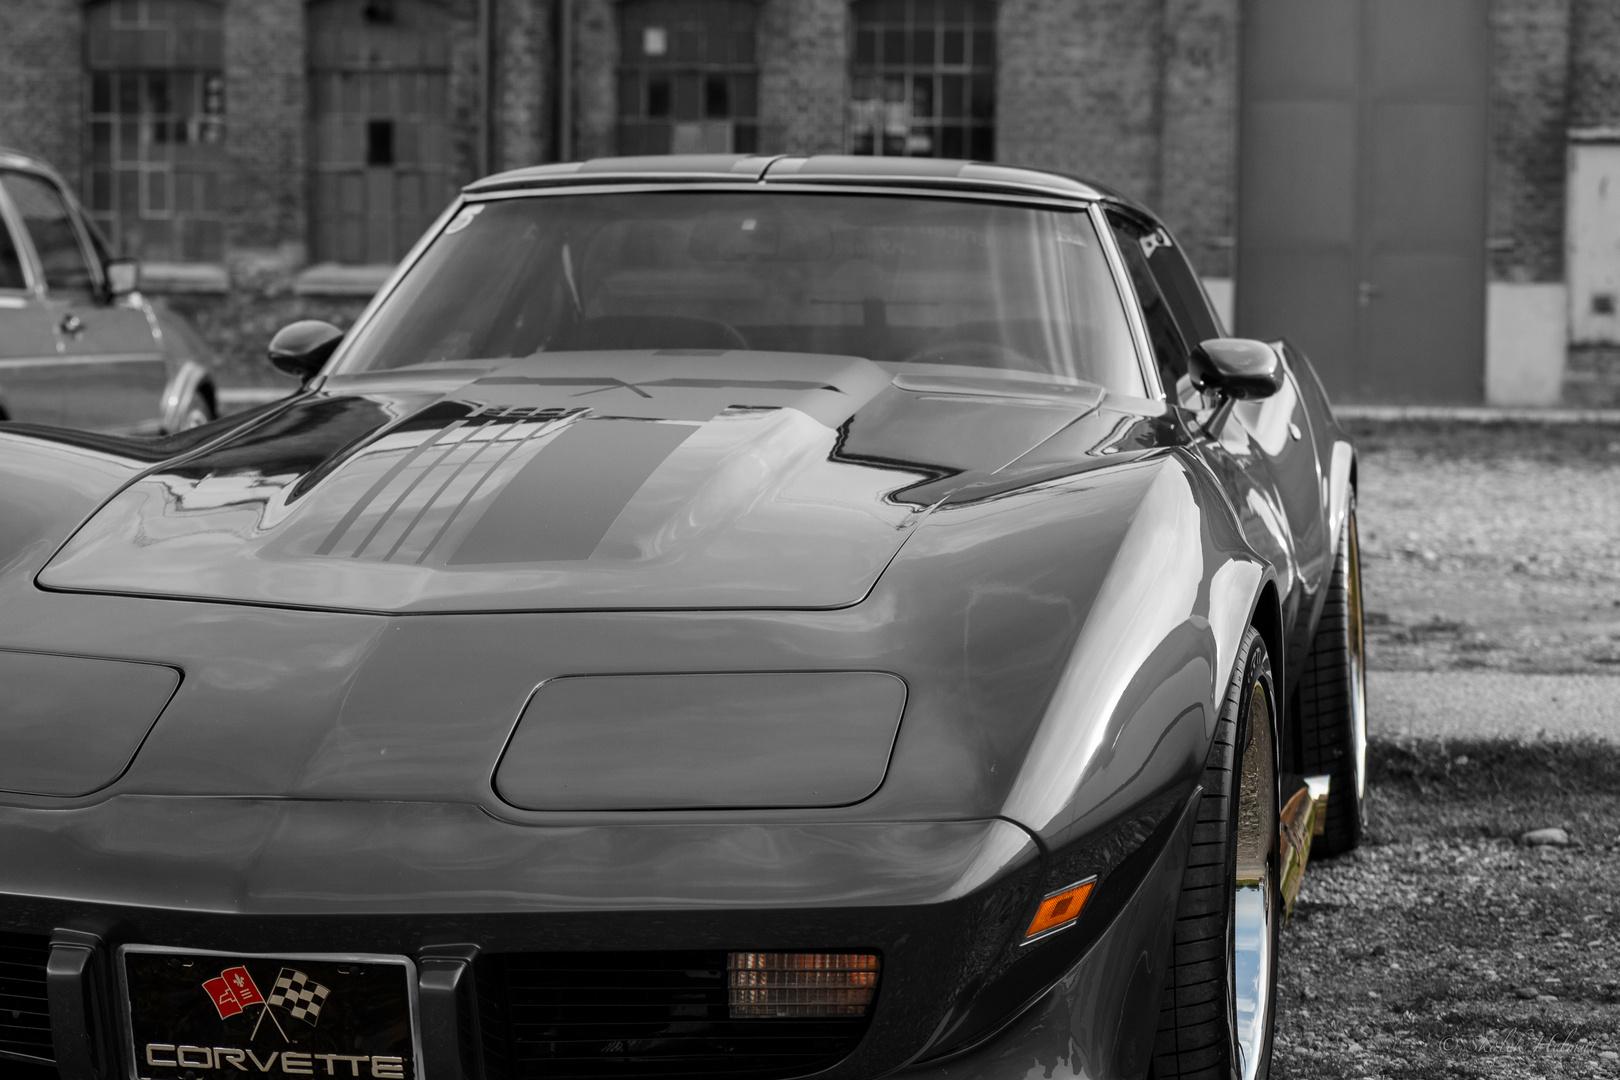 Corvette SW